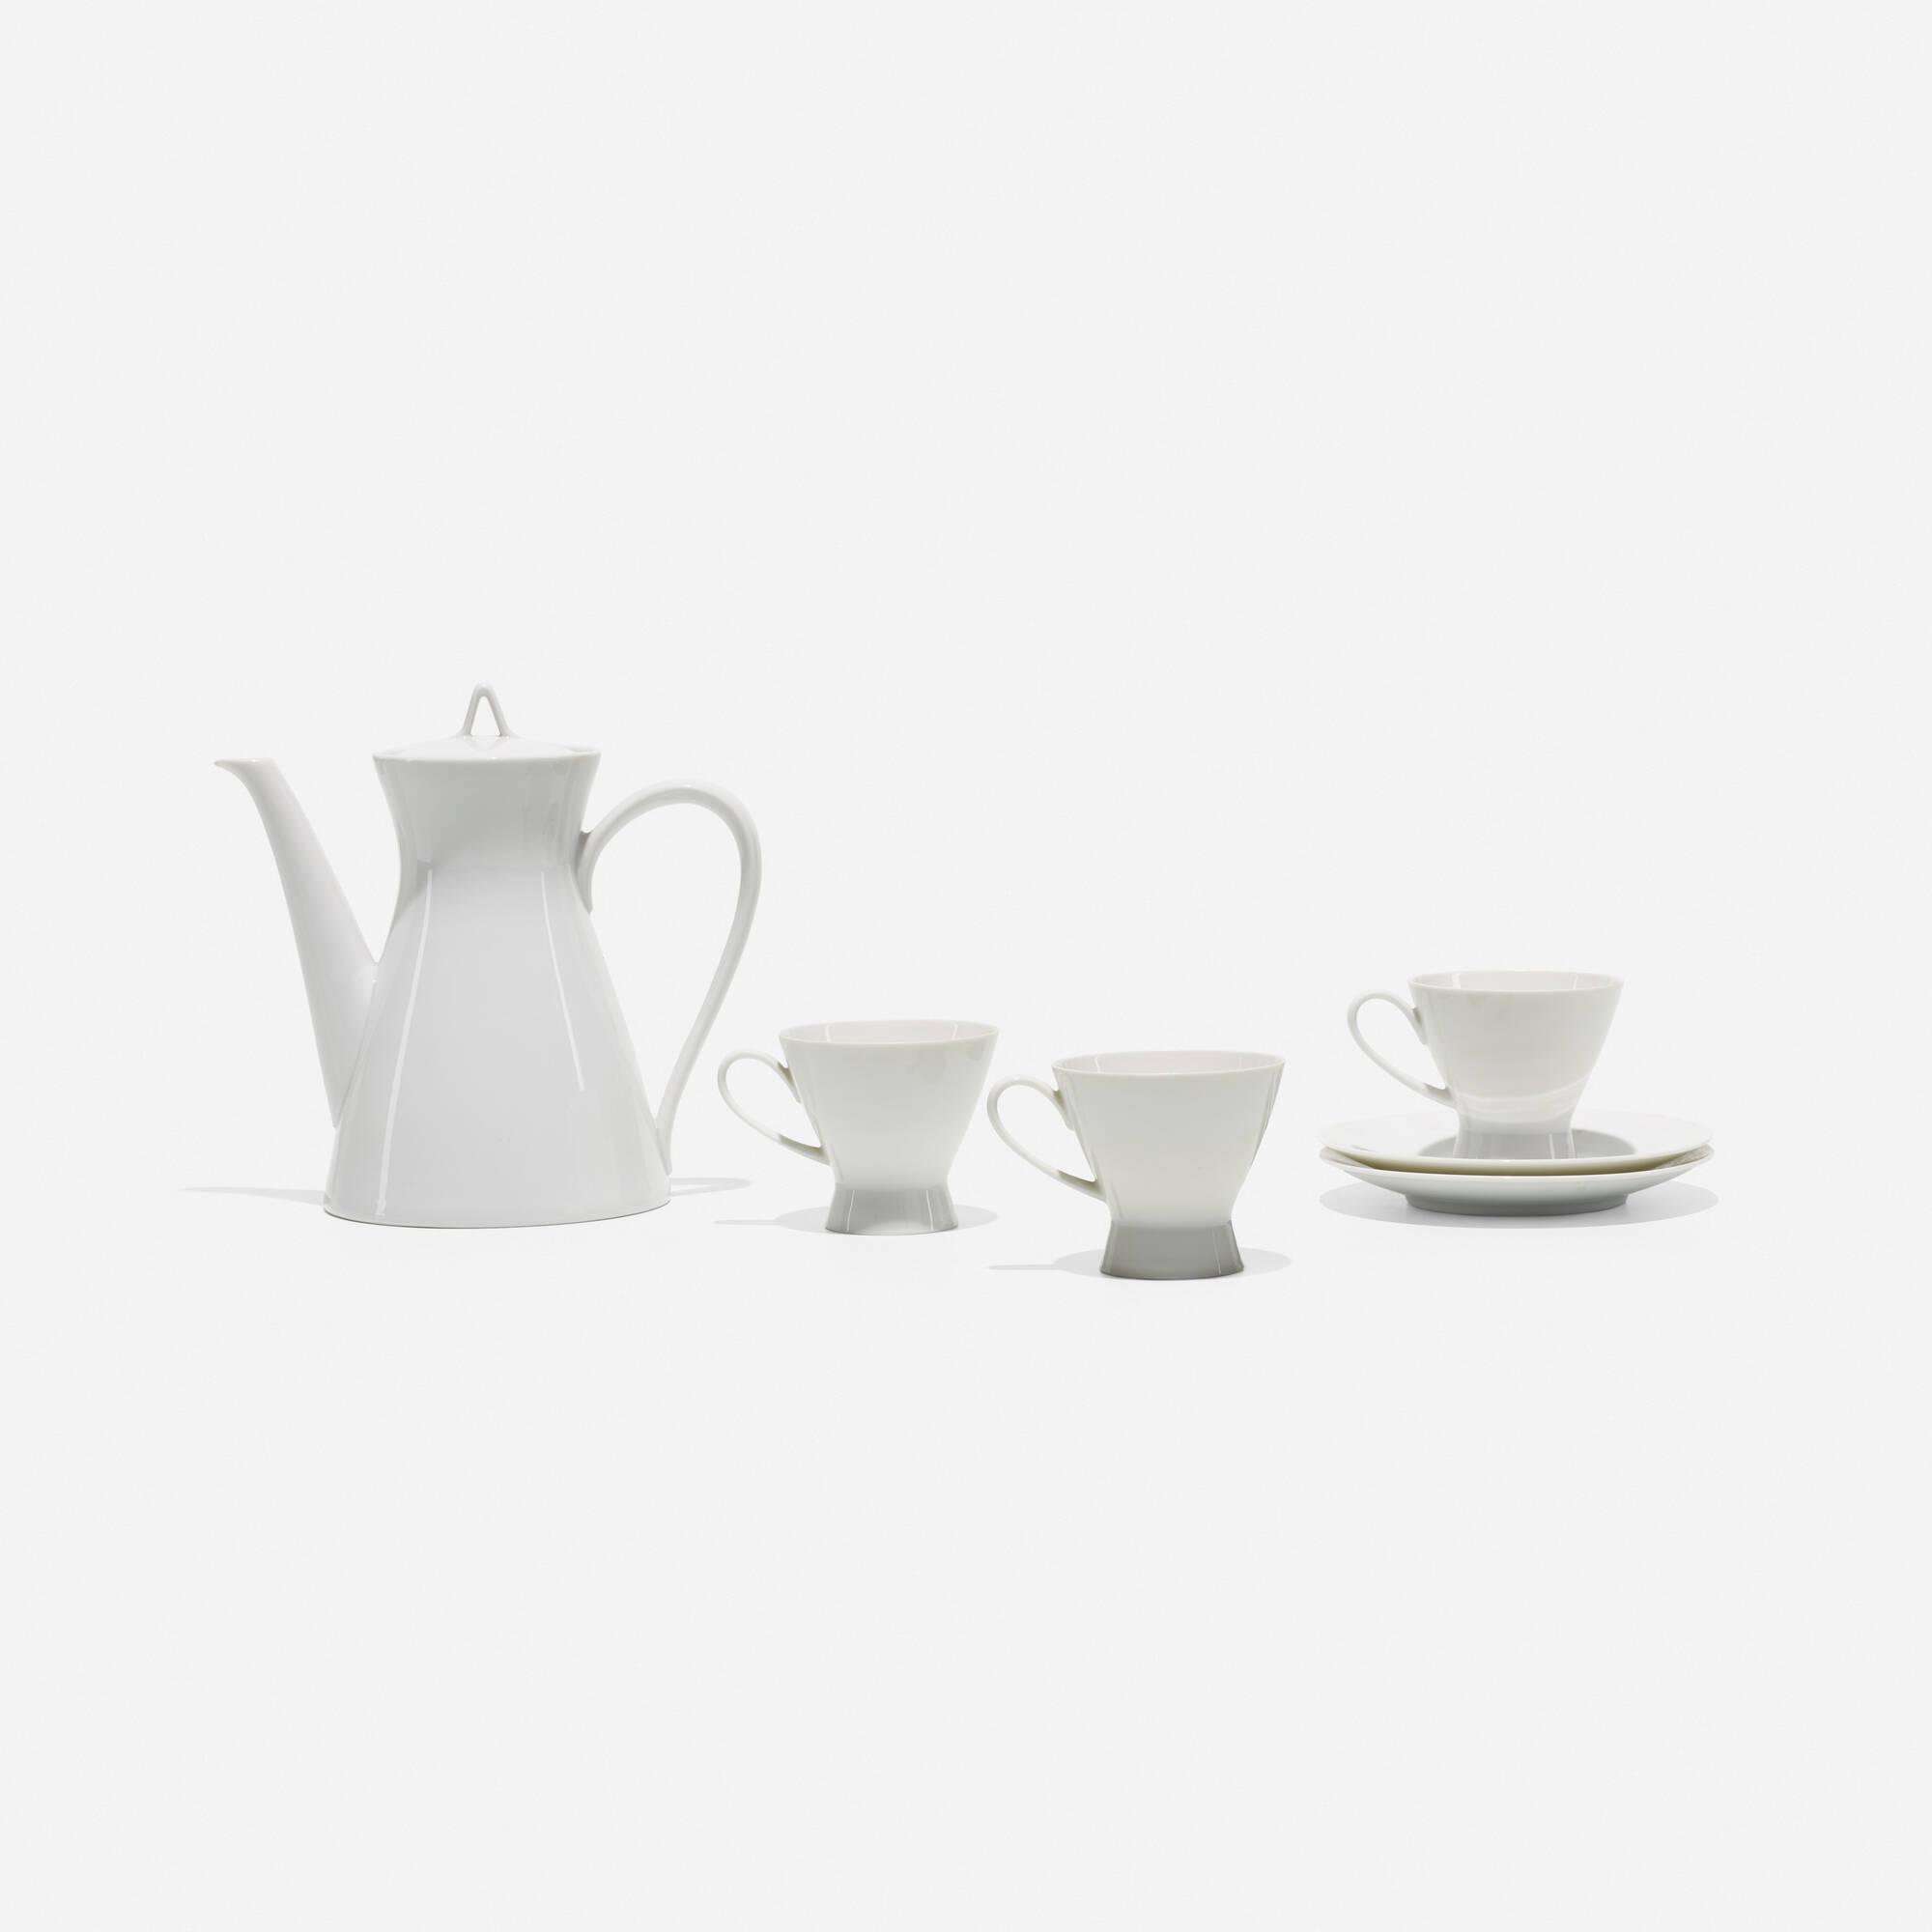 156: Raymond Loewy / coffee set (1 of 2)